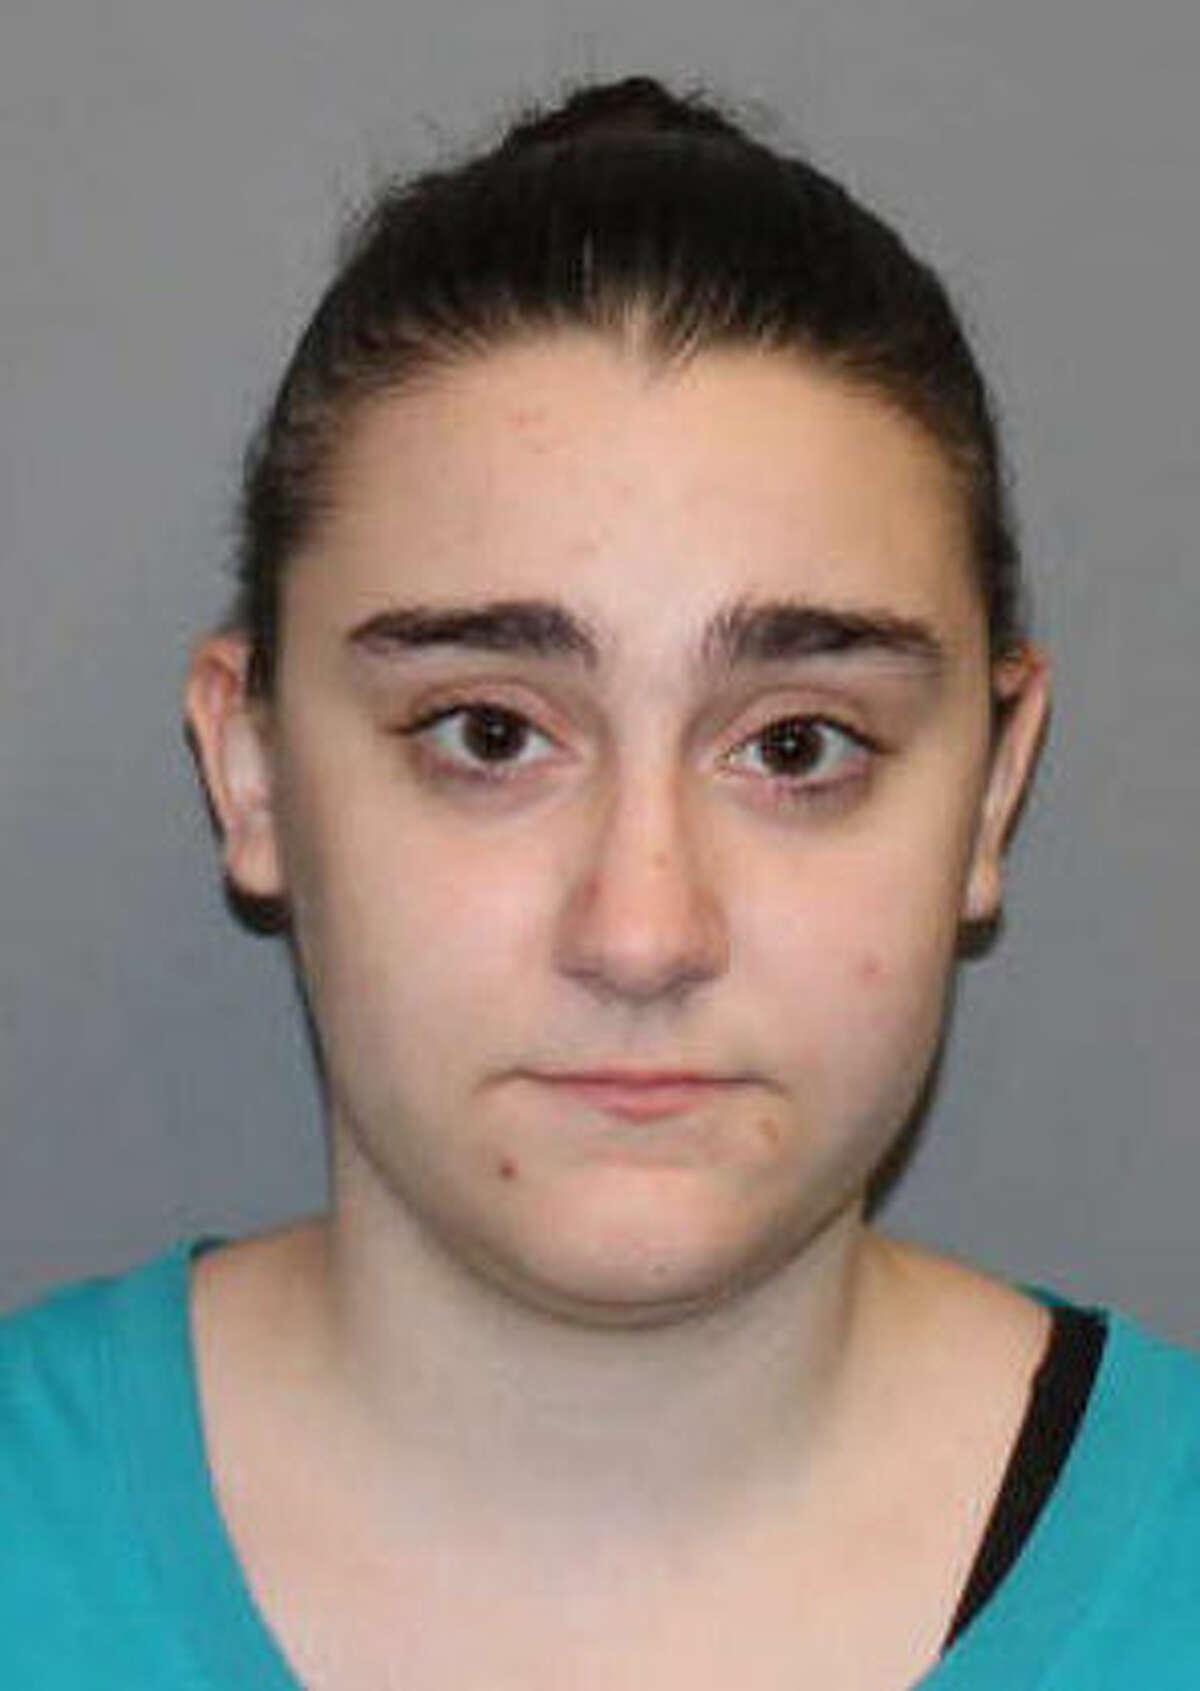 Makenzie Pellini, 18, of 5 Rockmeadow Road